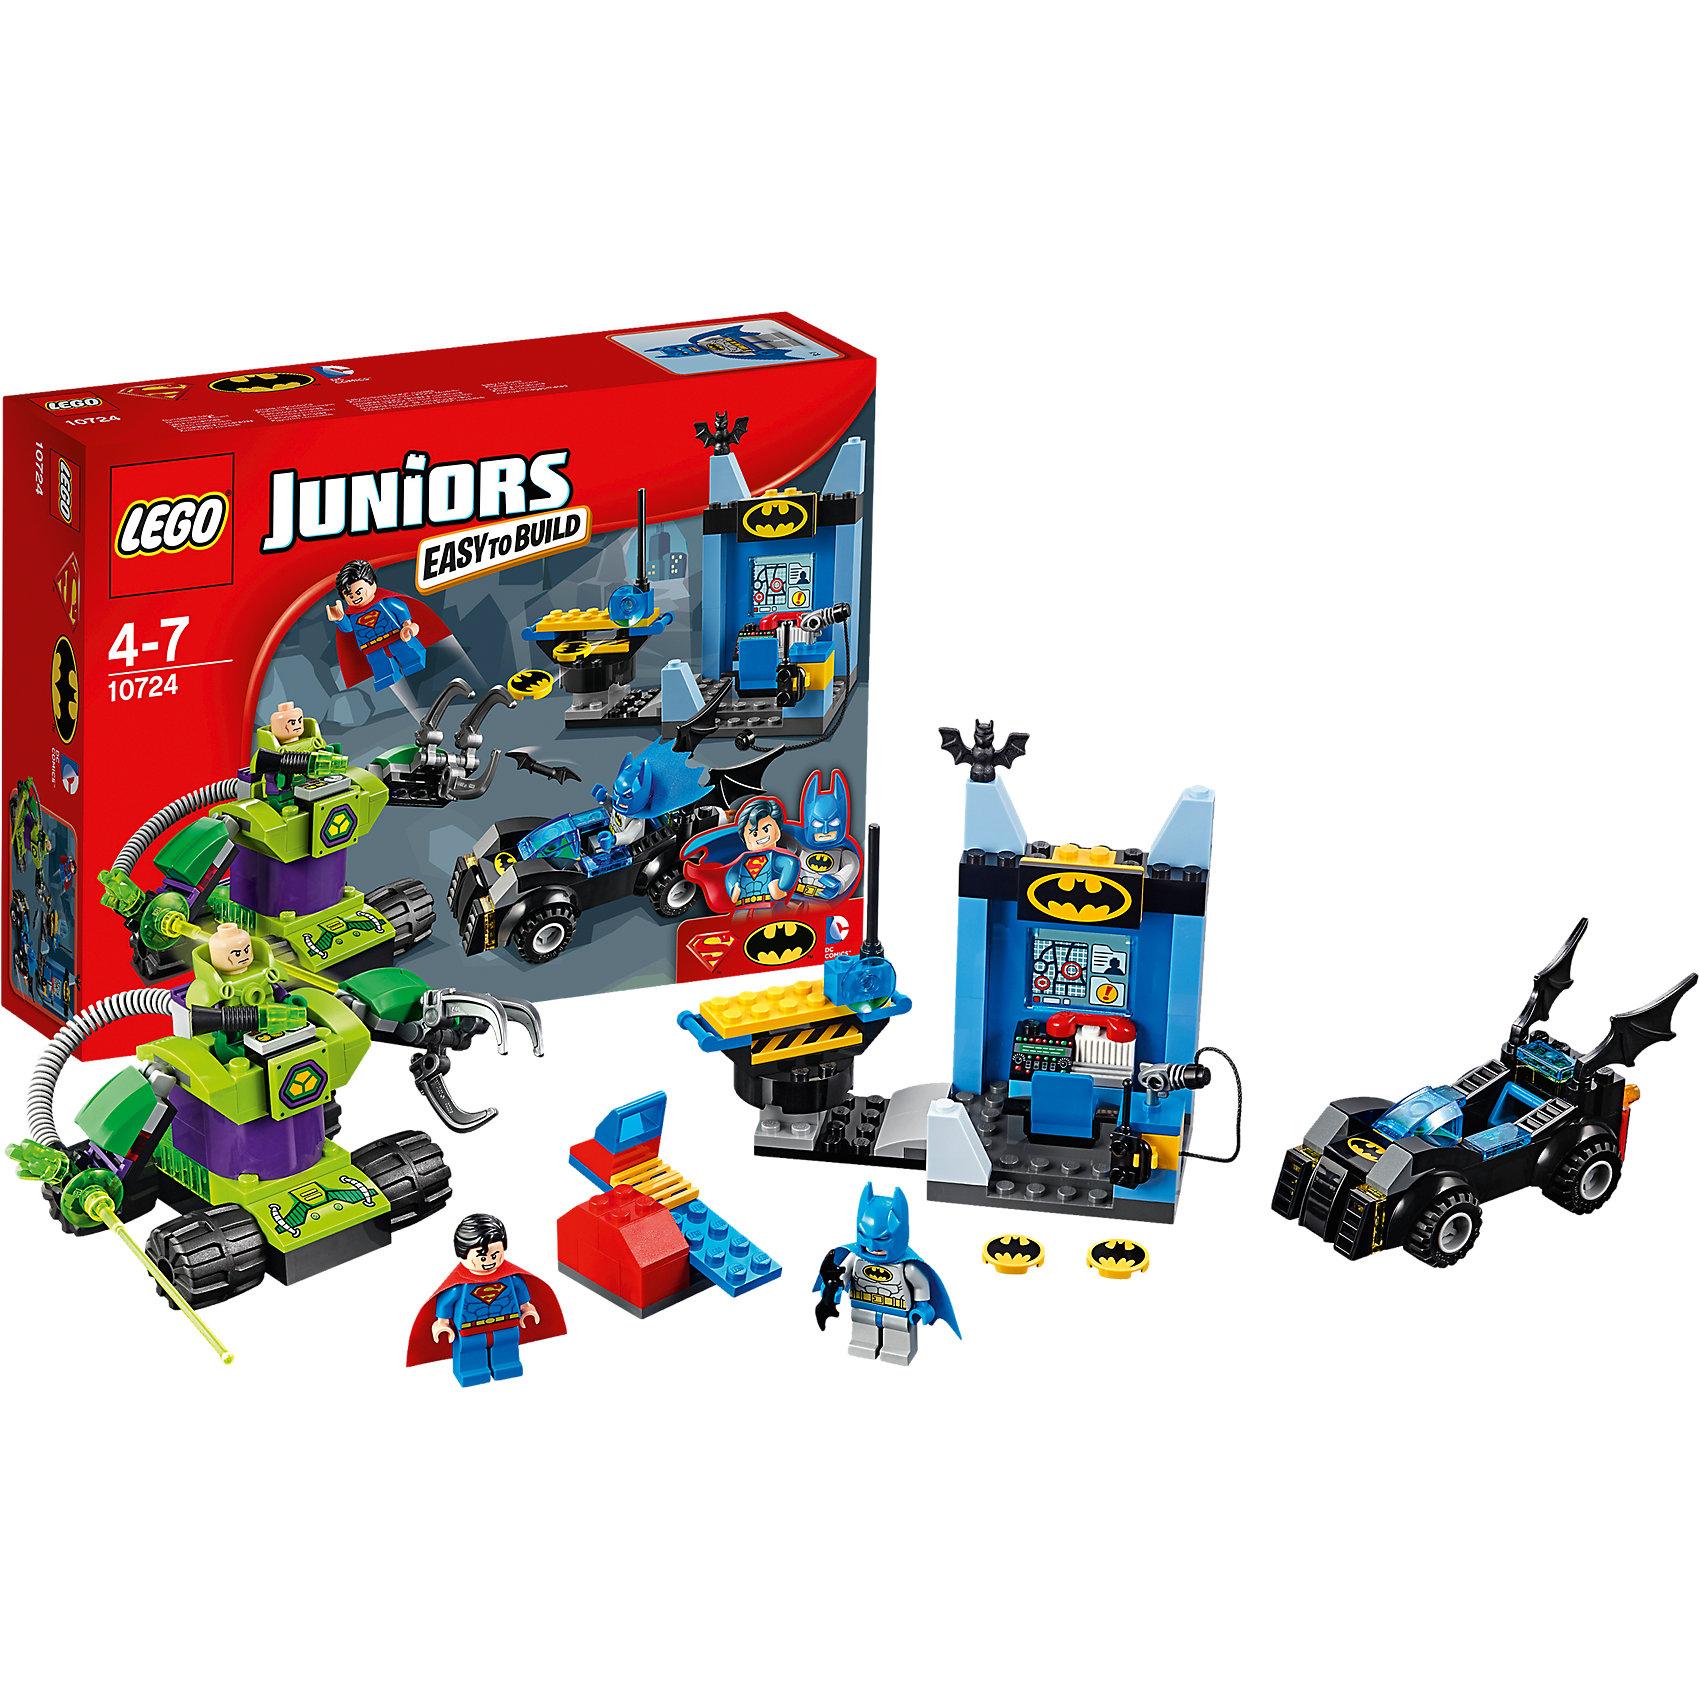 LEGO Juniors 10724: Бэтмен и Супермен против Лекса ЛютораБэтмена и Супермена обожает множество современных мальчишек, поэтому набор Лего, из которого можно собрать разные сюжеты про его подвиги, обязательно порадует ребенка. Такие игрушки помогают детям развивать воображение, мелкую моторику, логику и творческое мышление.<br>Набор состоит из множества деталей, с помощью которых можно  собрать транспорт для супергероев, а также в нем есть фигурки любимых персонажей! С таким комплектом можно придумать множество игр!<br><br>Дополнительная информация:<br><br>цвет: разноцветный;<br>размер коробки: 26 х 19 х 6 см;<br>вес: 350 г;<br>материал: пластик;<br>количество деталей: 164.<br><br>Набор Бэтмен и Супермен против Лекса Лютора от бренда LEGO Juniors можно купить в нашем магазине.<br><br>Ширина мм: 265<br>Глубина мм: 192<br>Высота мм: 66<br>Вес г: 367<br>Возраст от месяцев: 48<br>Возраст до месяцев: 84<br>Пол: Мужской<br>Возраст: Детский<br>SKU: 4641210